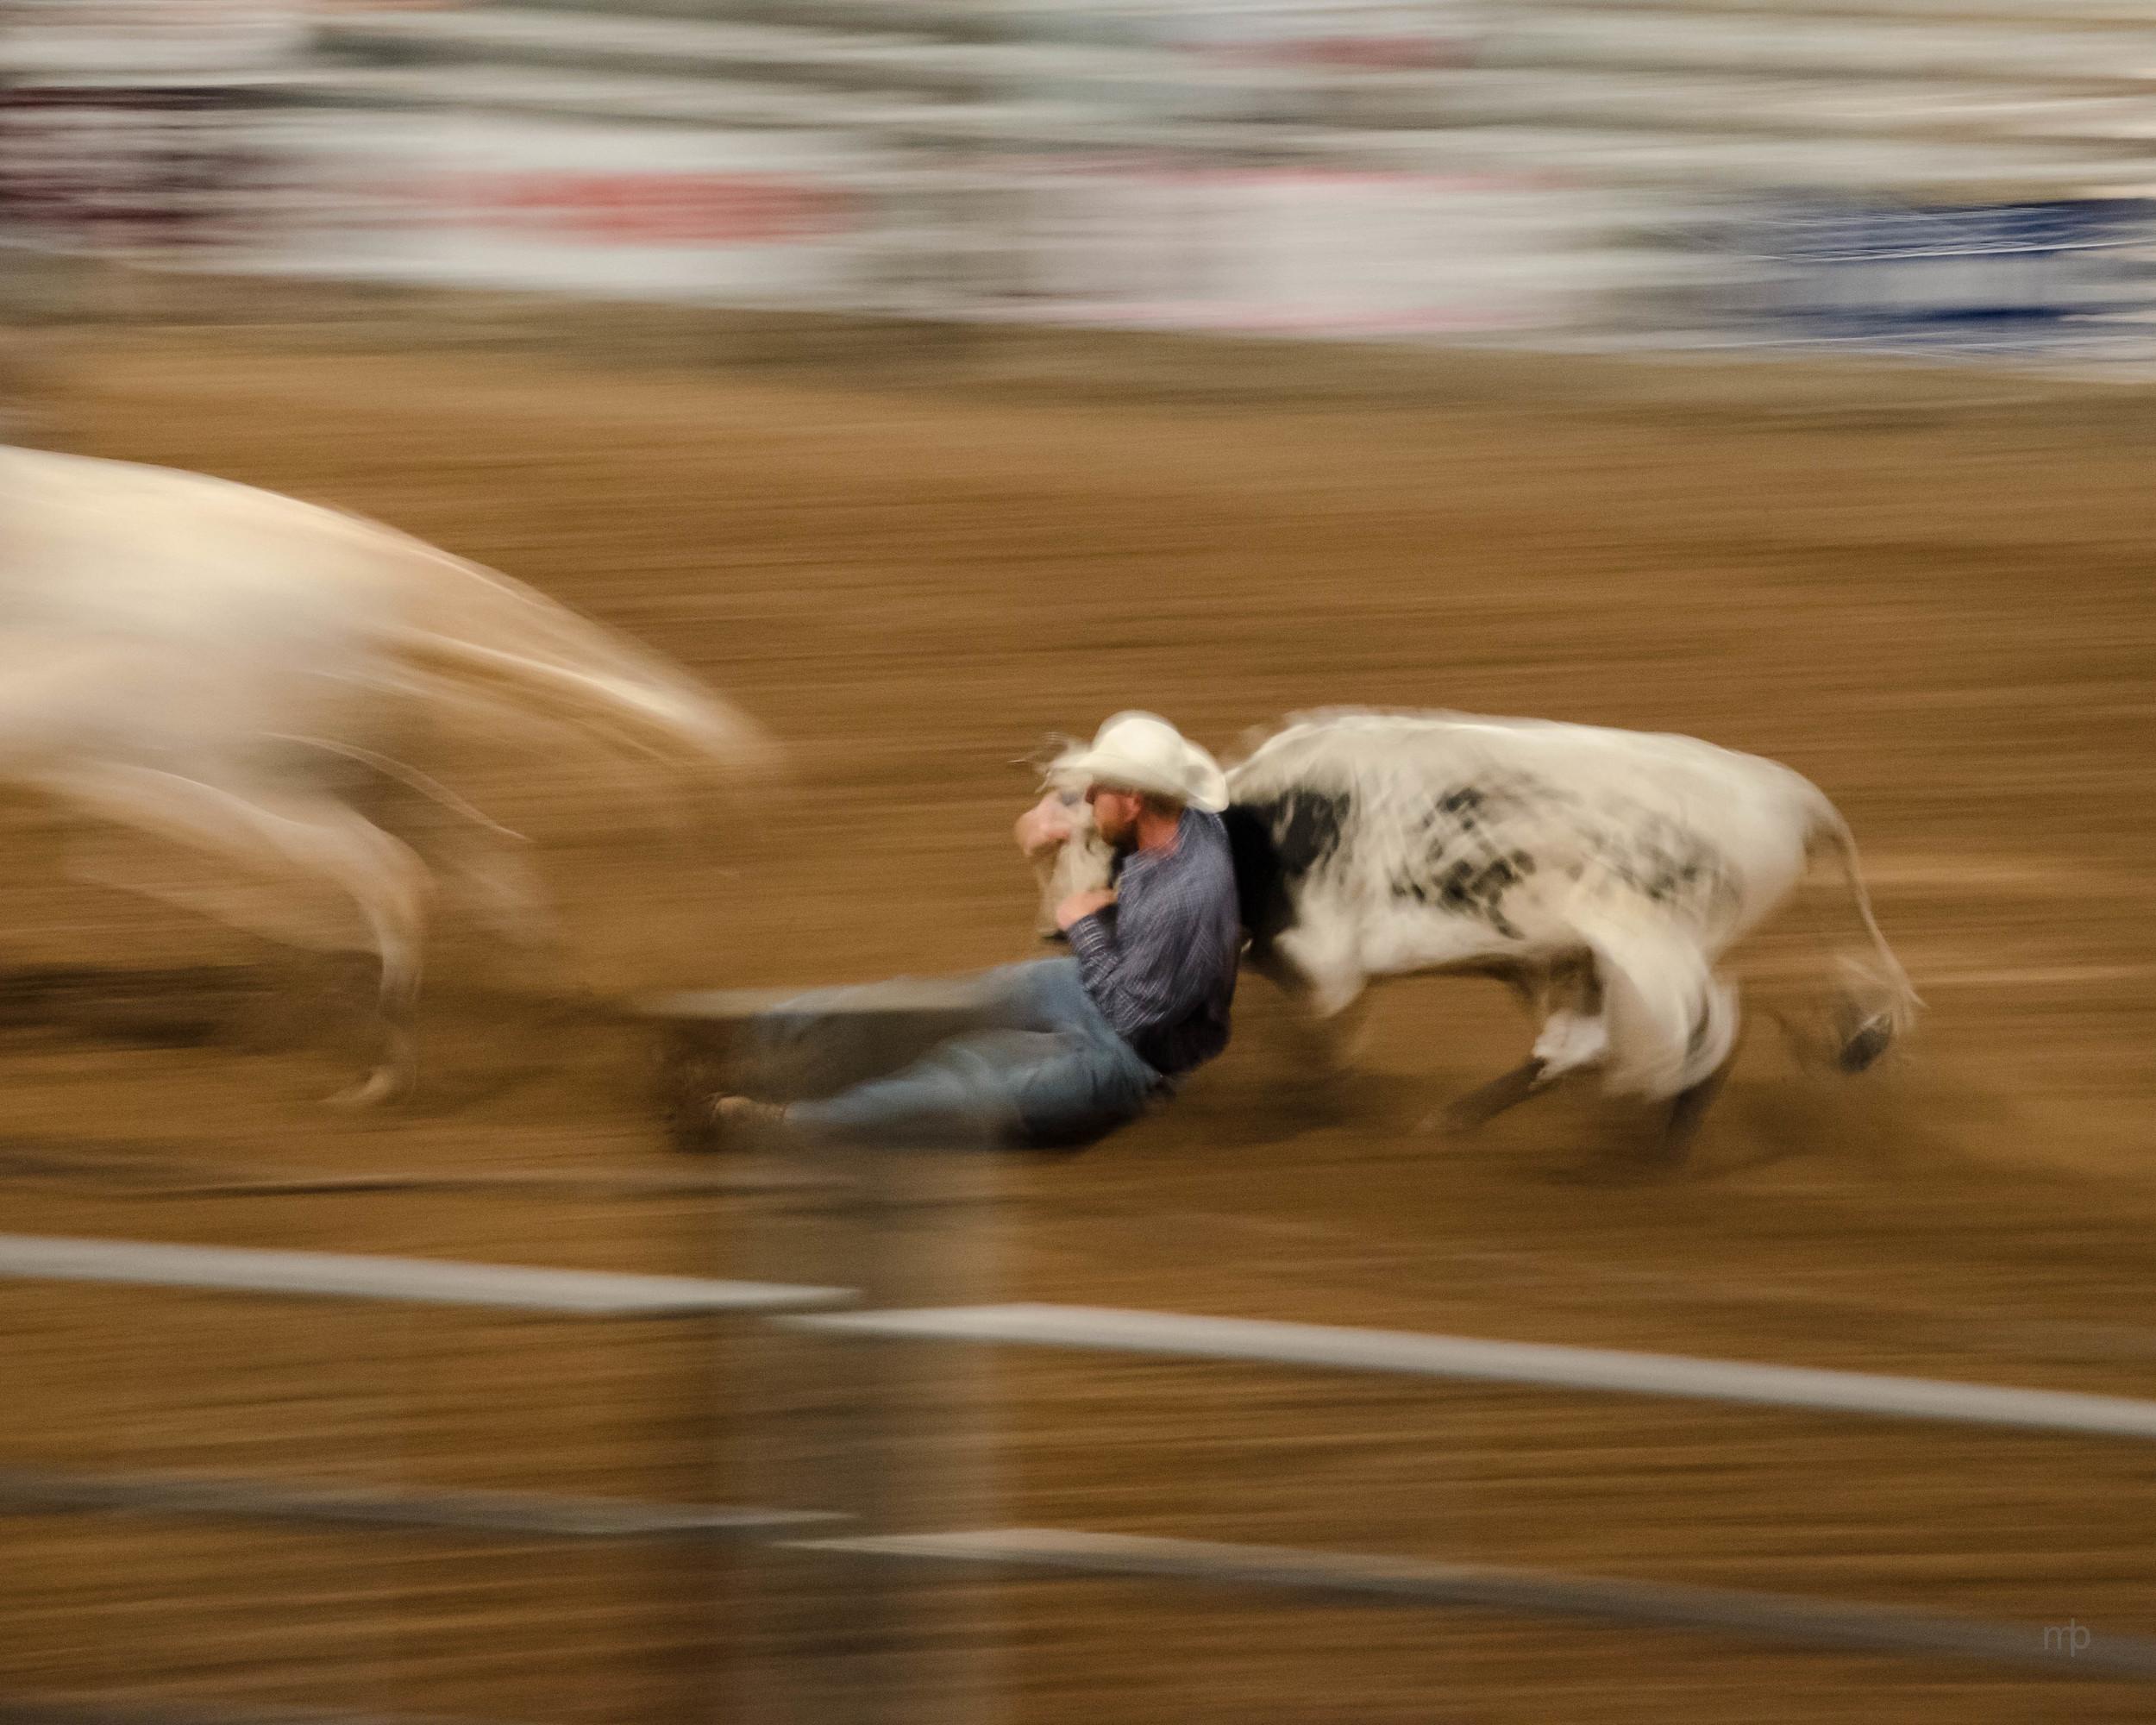 Steer Wrestler. Longford Rodeo 2014. Nikon D7000, Tamron 18-270 mm, ISO 3200, 100 mm, f/8.0, 1/8 sec.